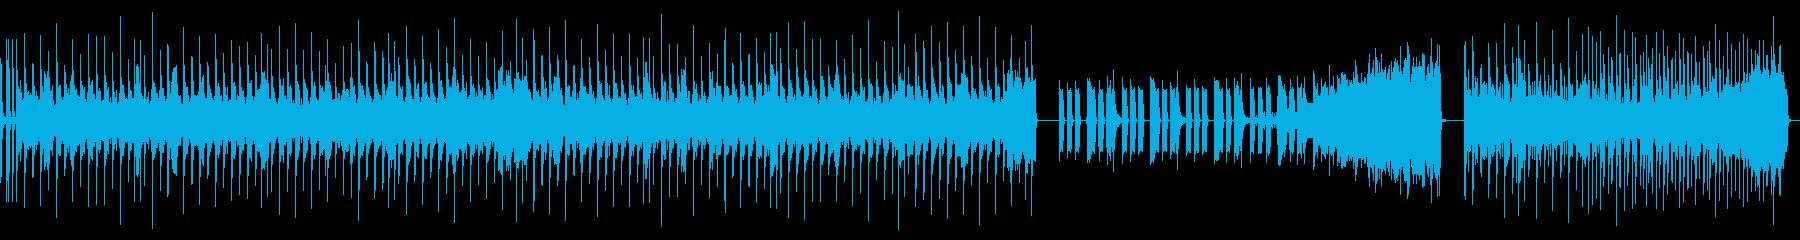 奇抜でキャッチーなベースサウンドの再生済みの波形